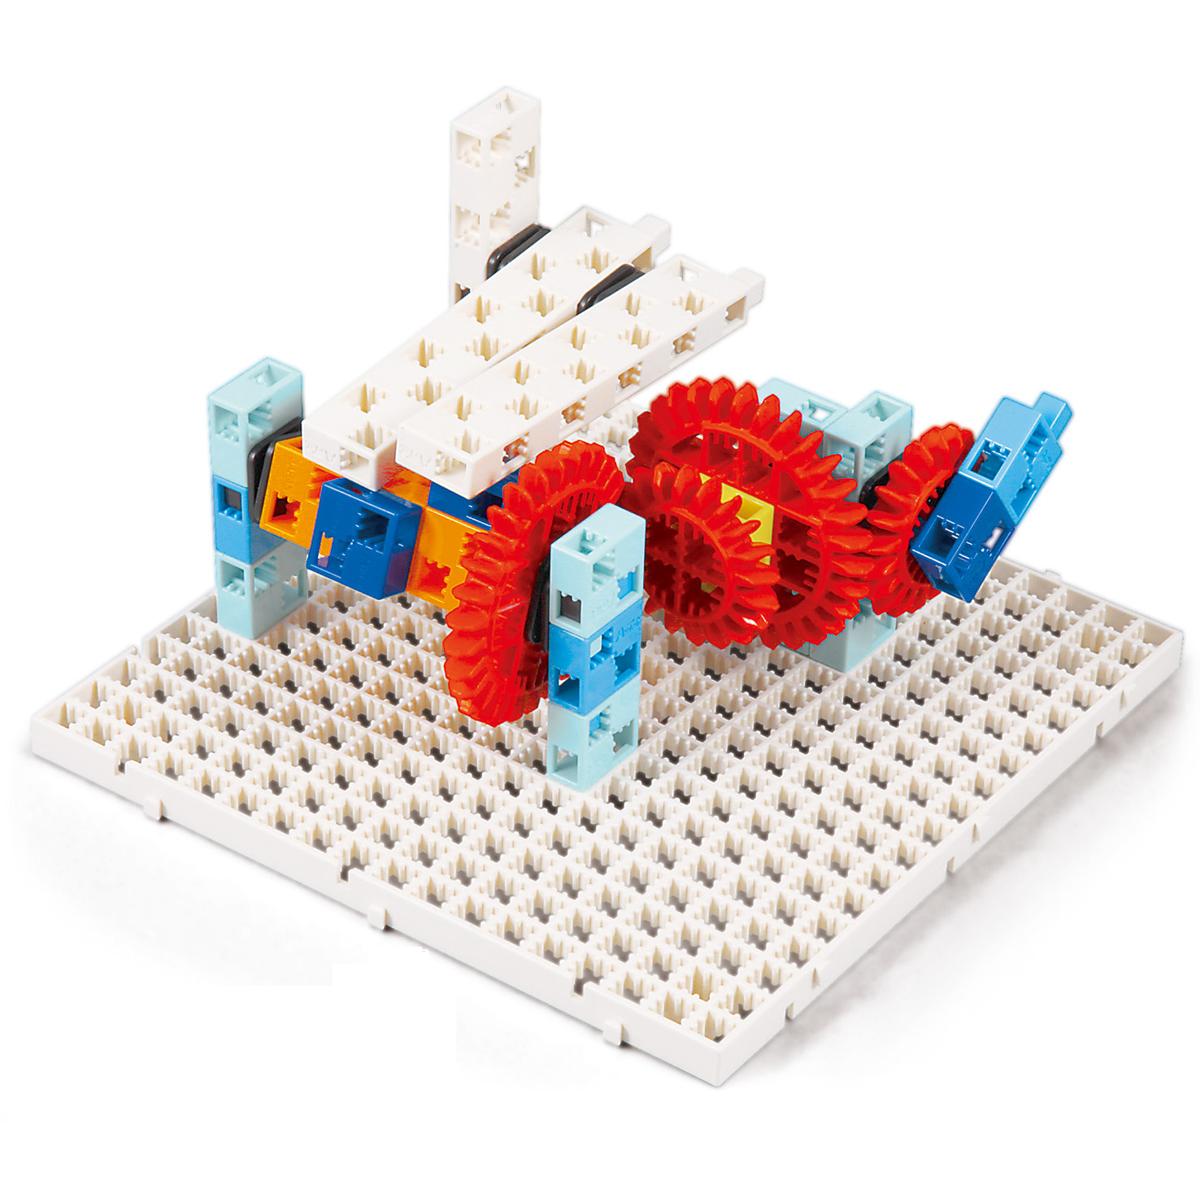 アーテックブロック ブロック おもちゃ リンク・ギヤ学習セット アーテック 日本製 知育玩具 ブロック 組み立て 学習 運動のしくみ 理科 レゴ・レゴブロックのように遊べます